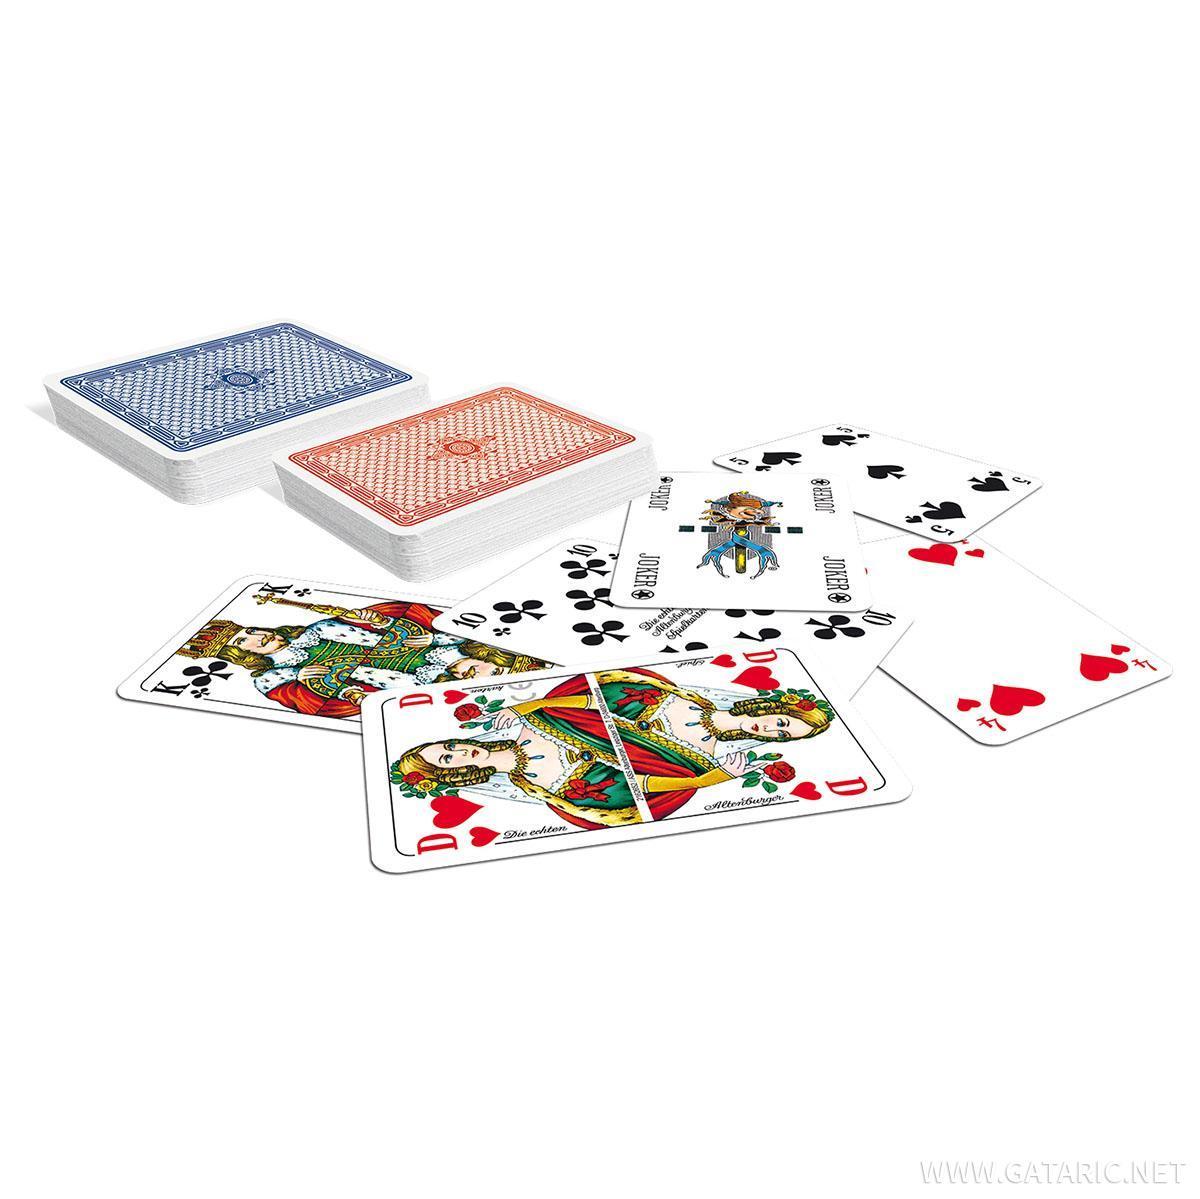 Karte za Remi/Poker/Bridge, 2/1 set